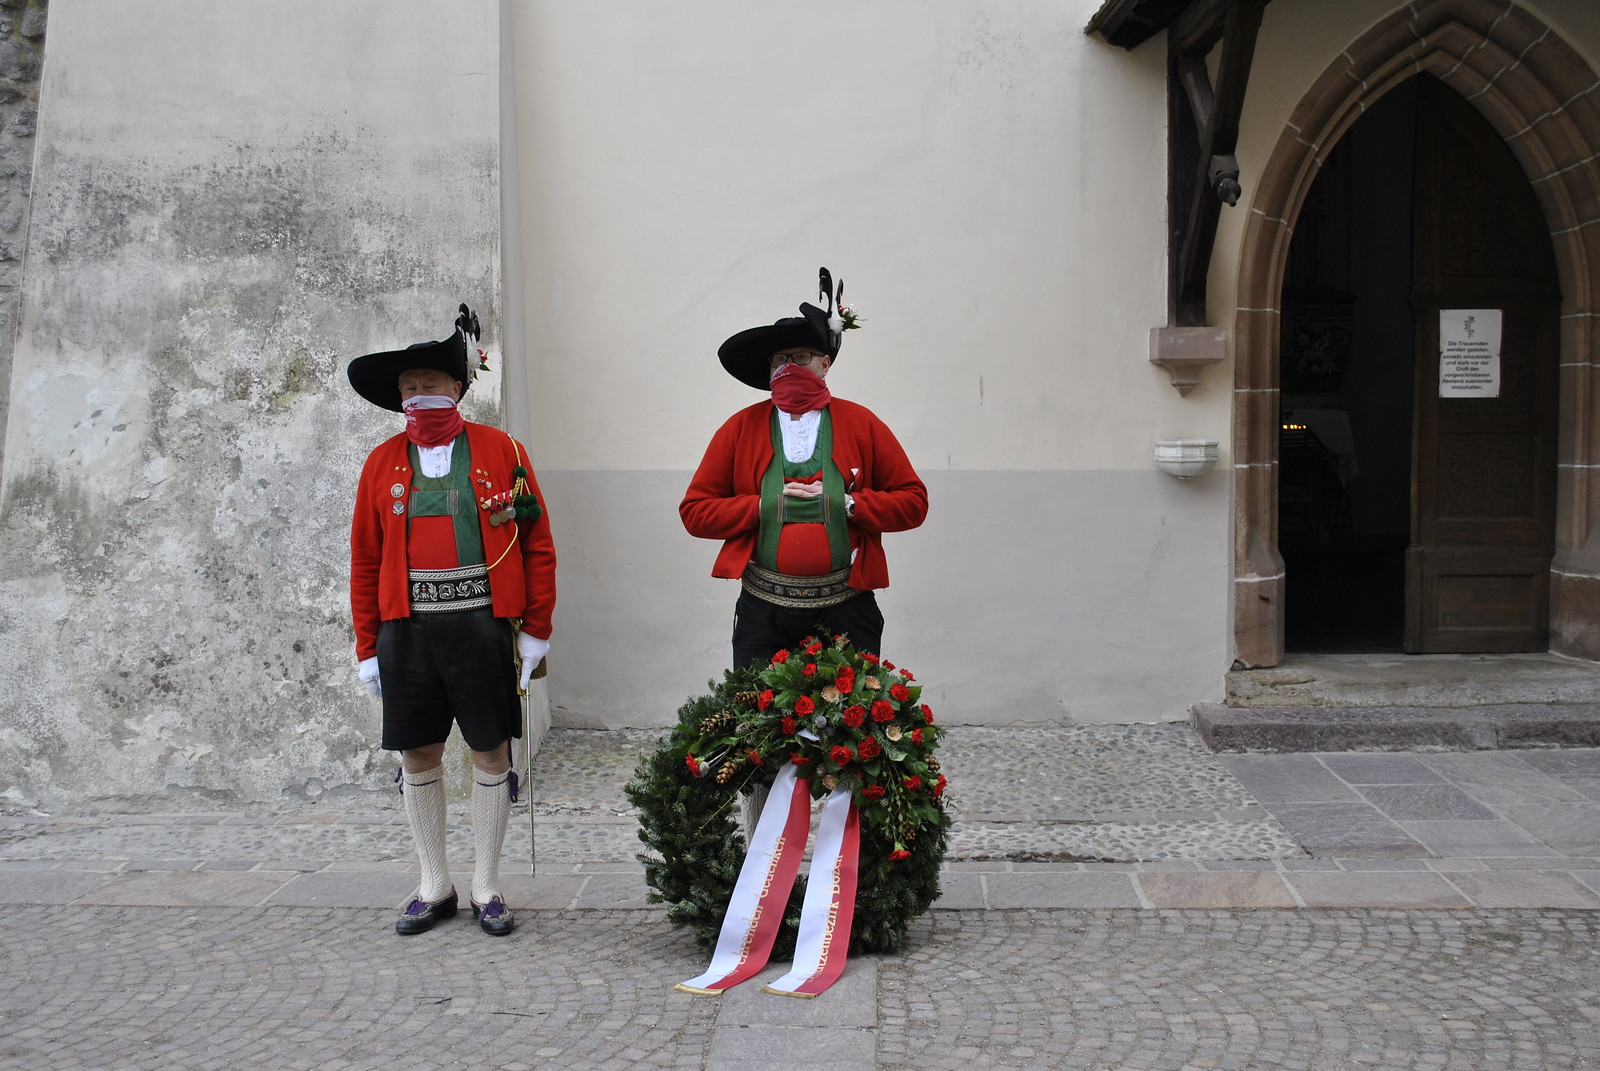 Bezirkstag Bozen in Sarnthein, 10.04.2021